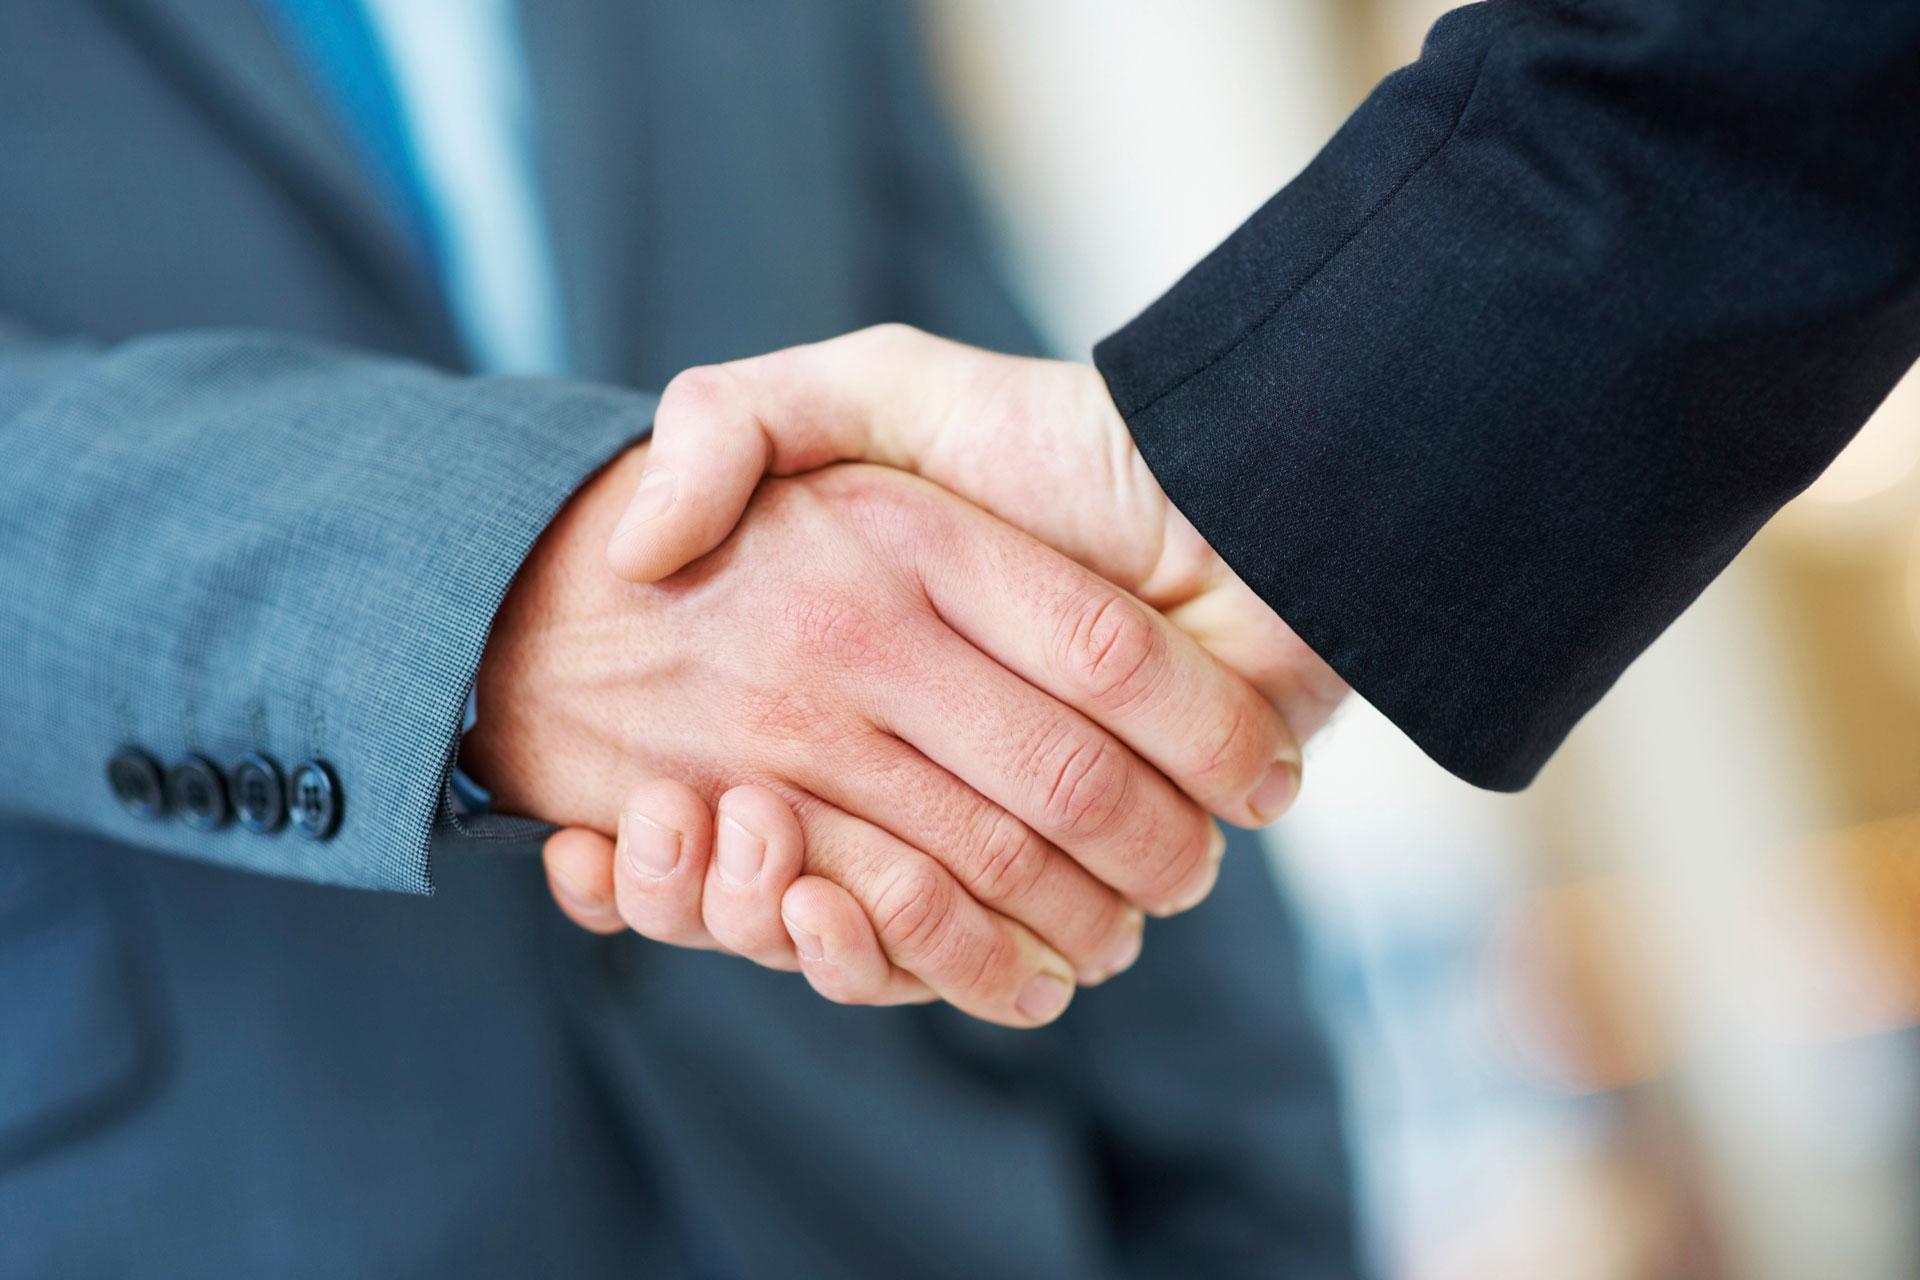 Handshake Deal in Business